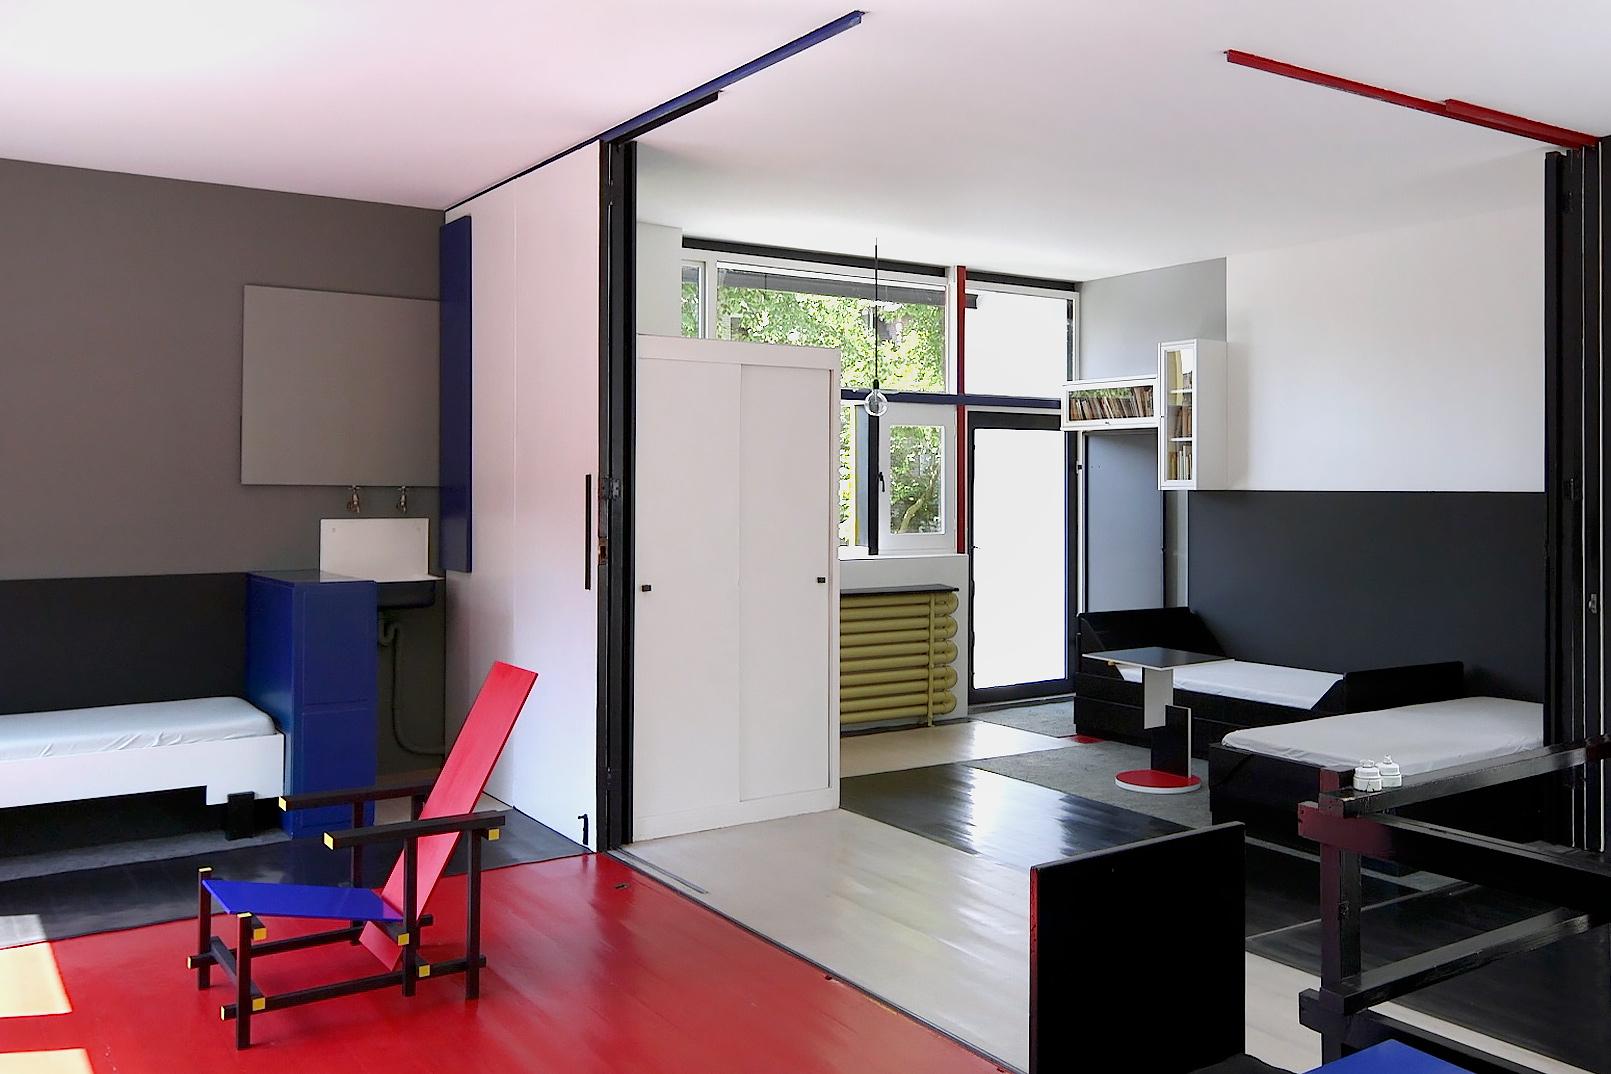 Architectuurvideo Rietveld Schroderhuis | Architectuur video